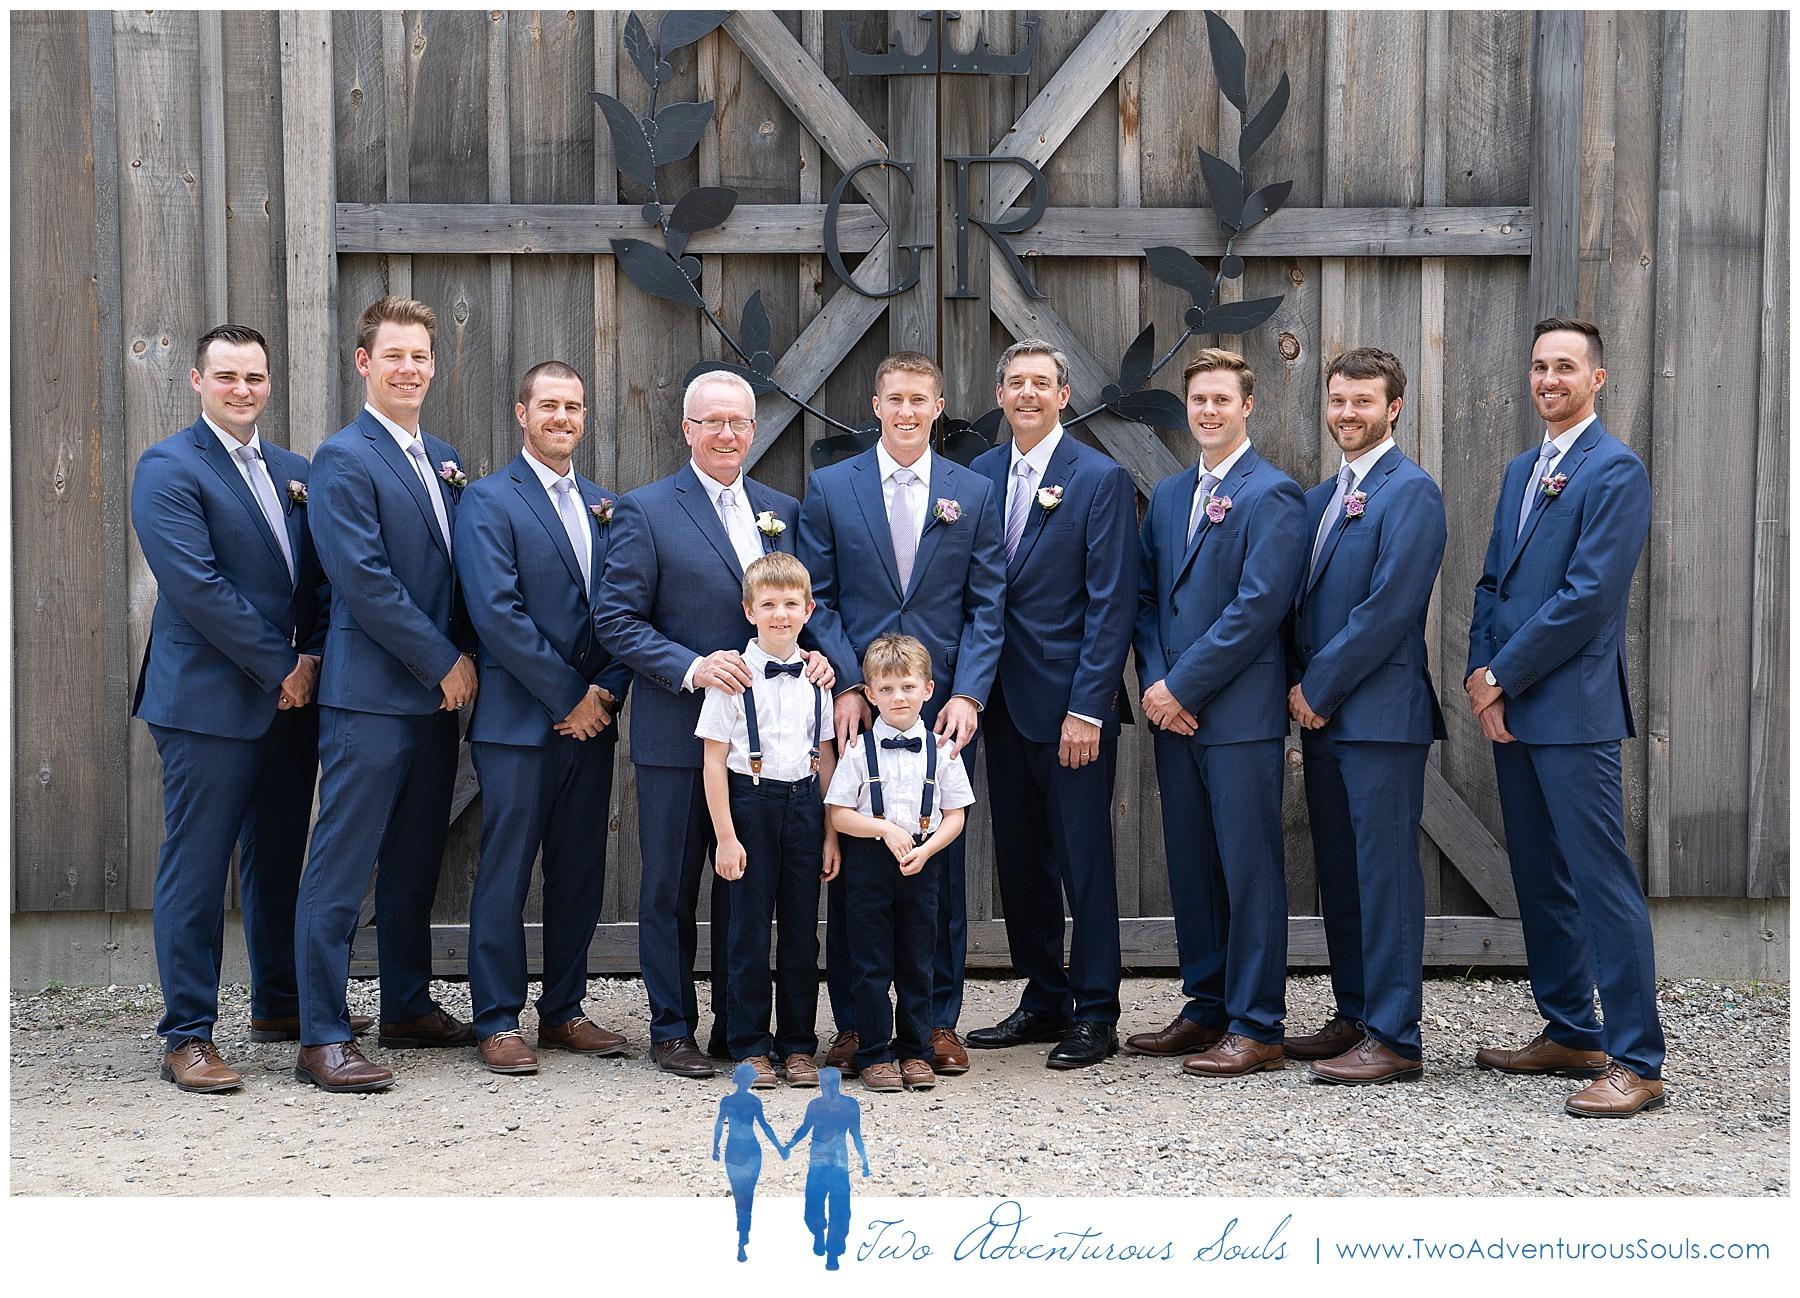 Maine Wedding Photographers, Granite Ridge Estate Wedding Photographers, Two Adventurous Souls - 080319_0015.jpg